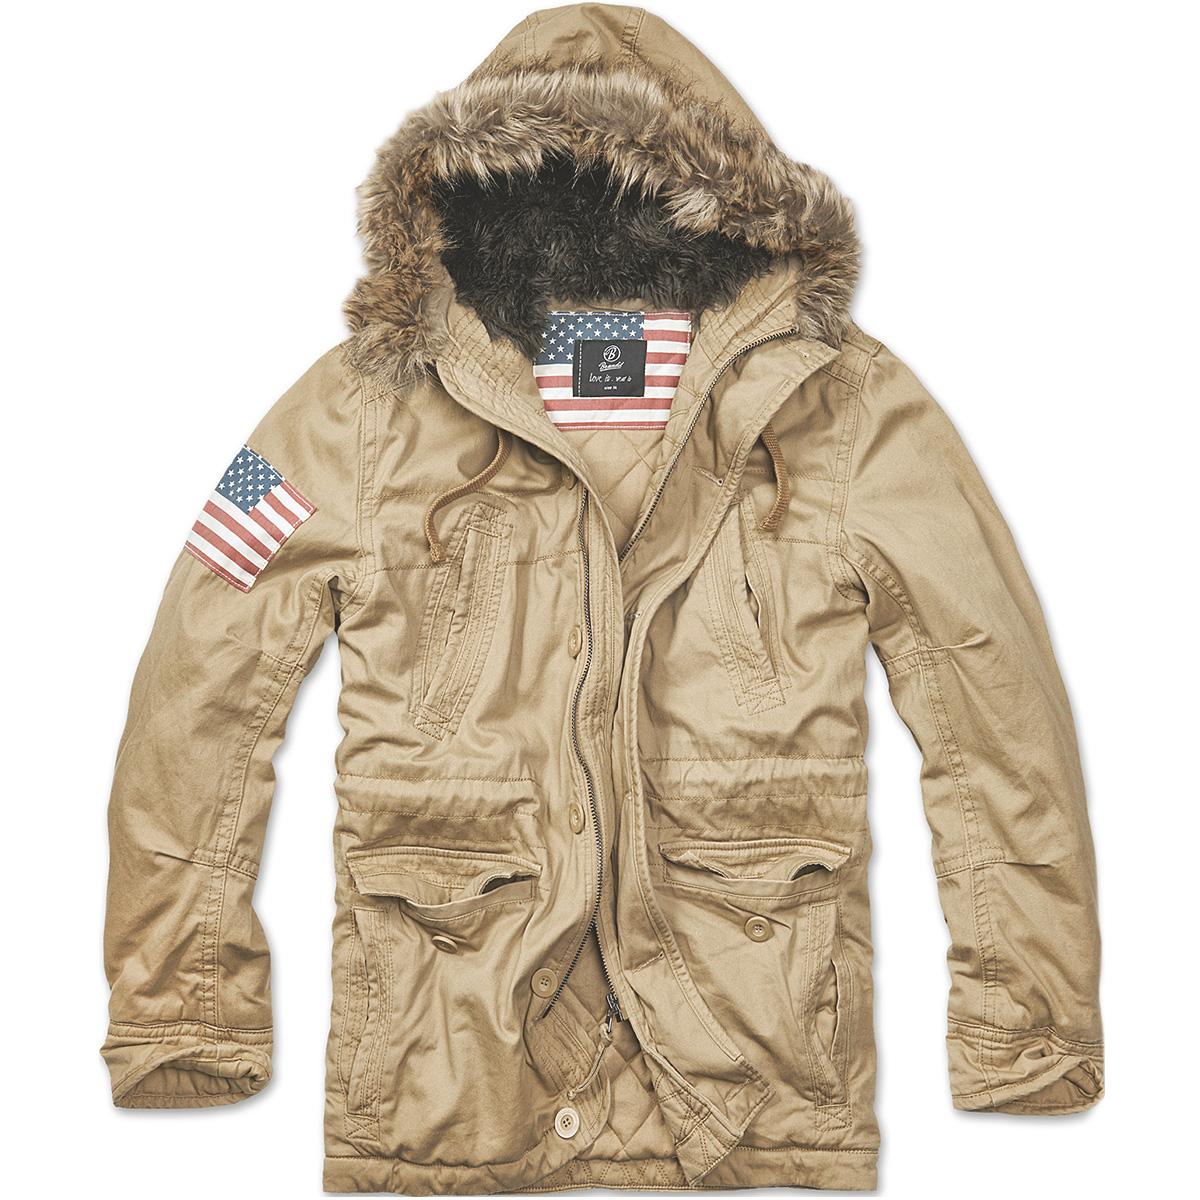 Brandit-Vintage-Explorer-Parka-Estrellas-amp-Rayas-Militares-Capa-Hombres-Chaqueta